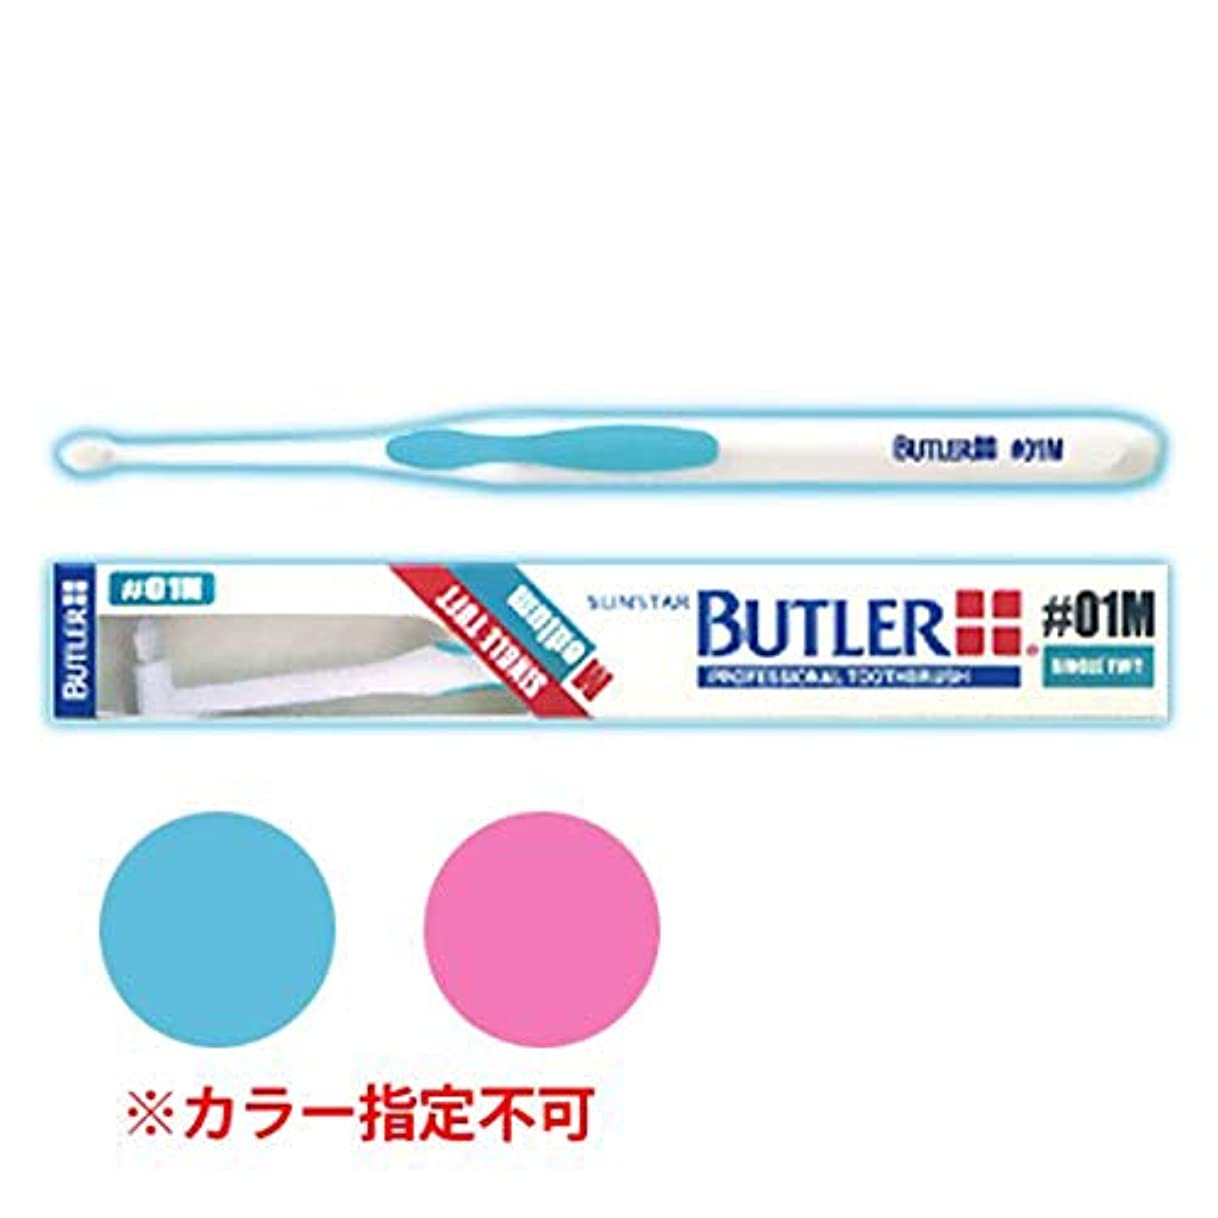 慰め入場料憧れサンスター バトラー シングルタフト #01M(ミディアムタイプ) 4本